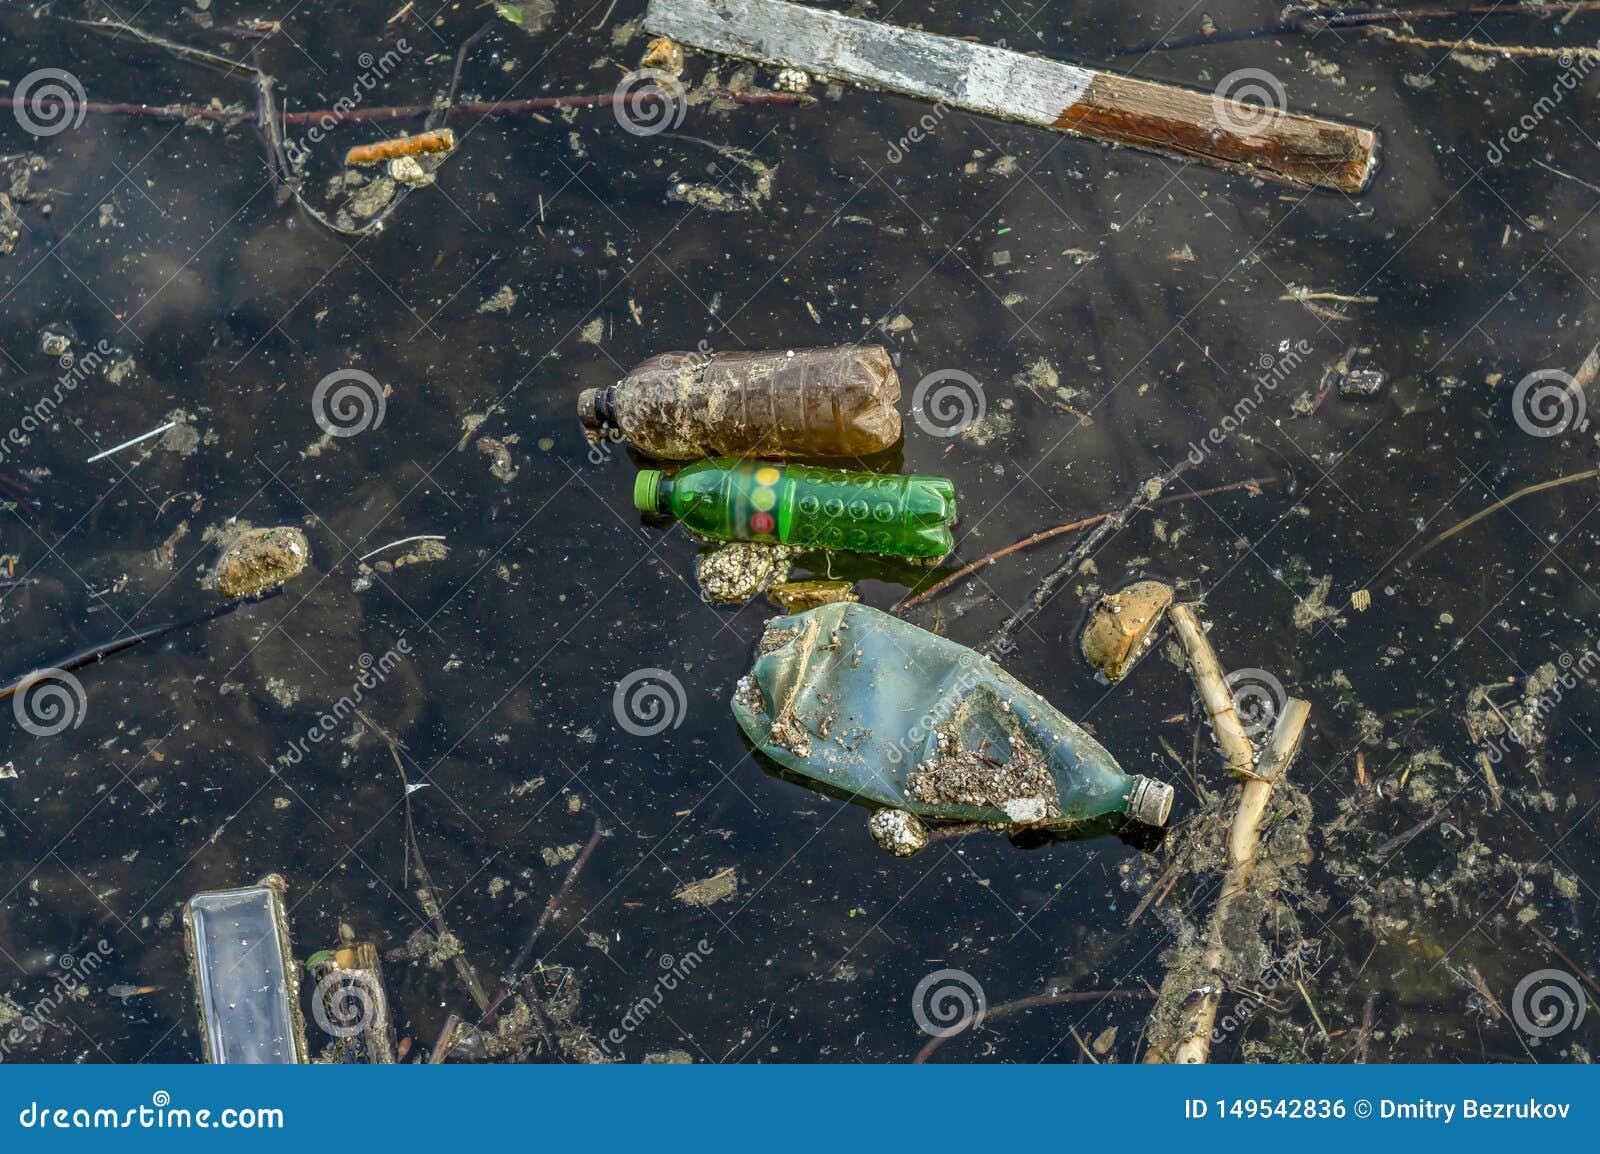 Basura en el agua Fotografía de una charca contaminada